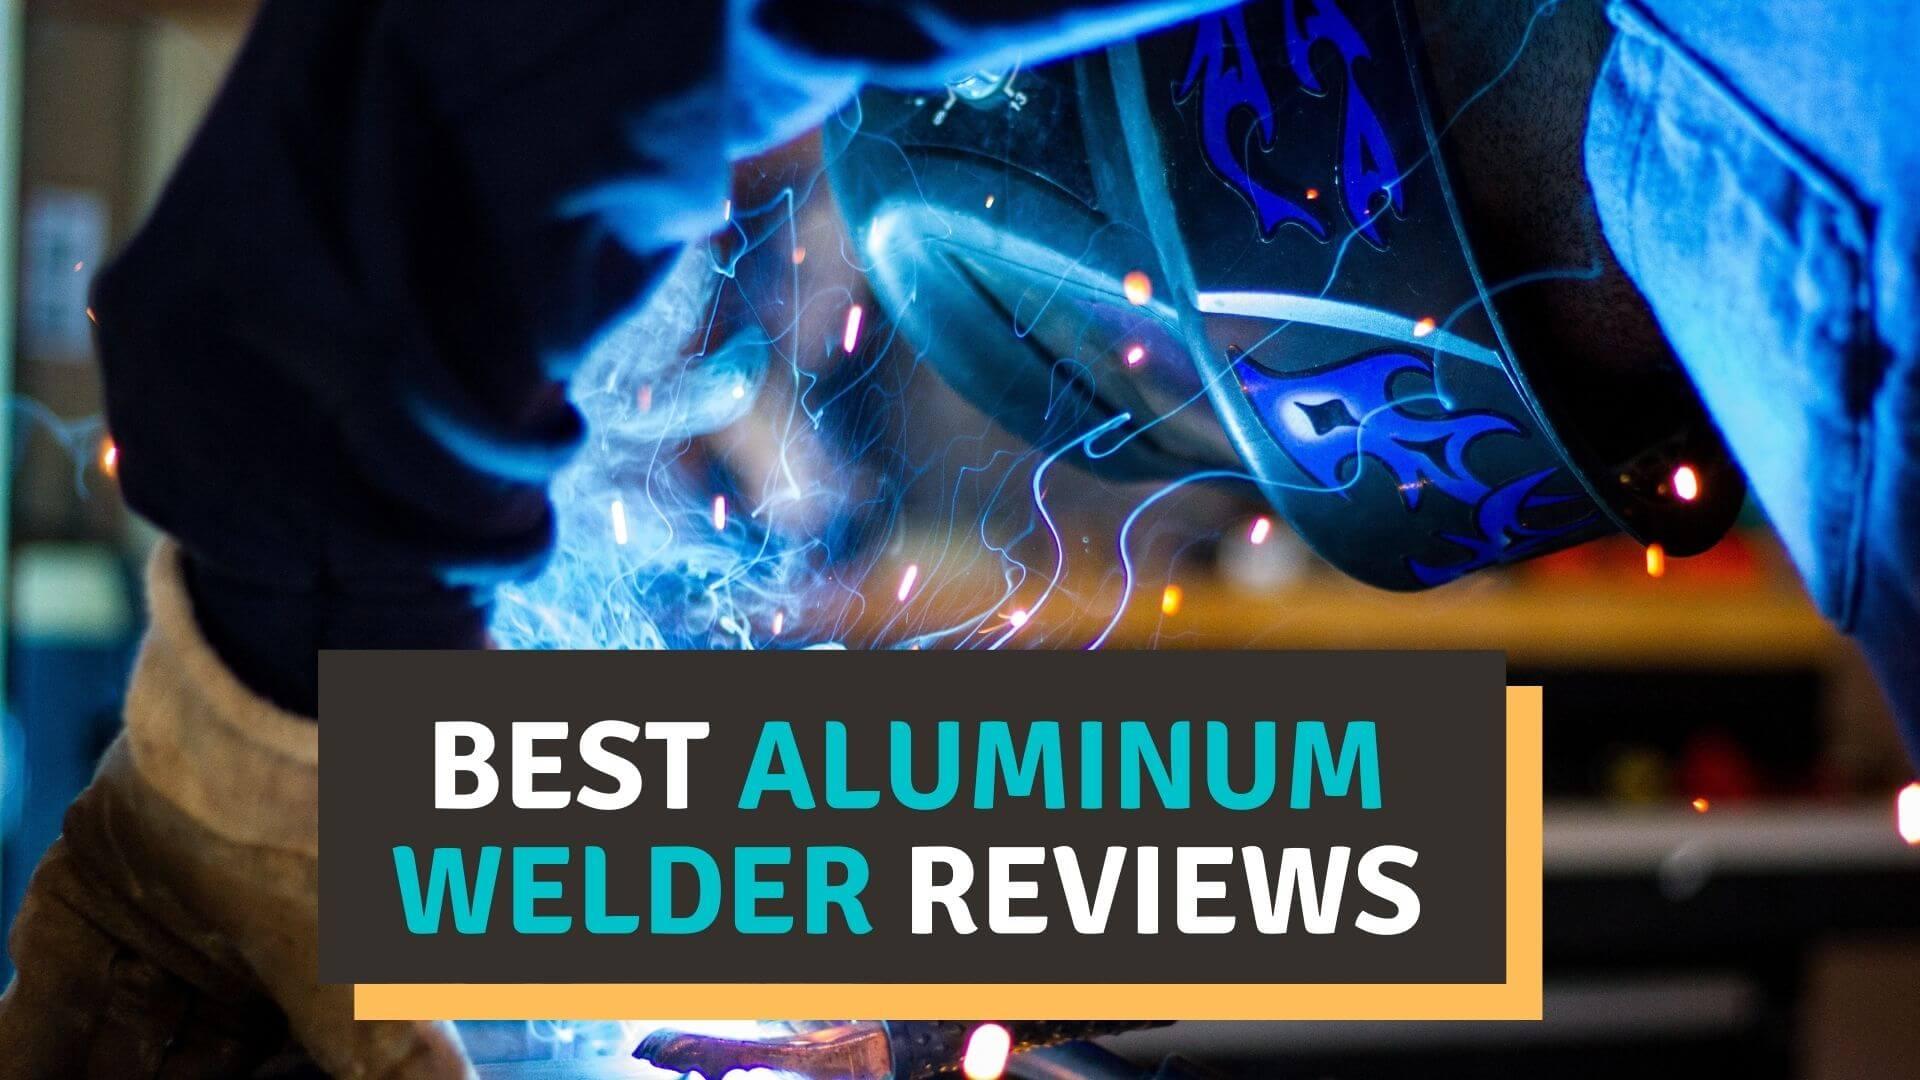 Best Aluminum Welder Reviews